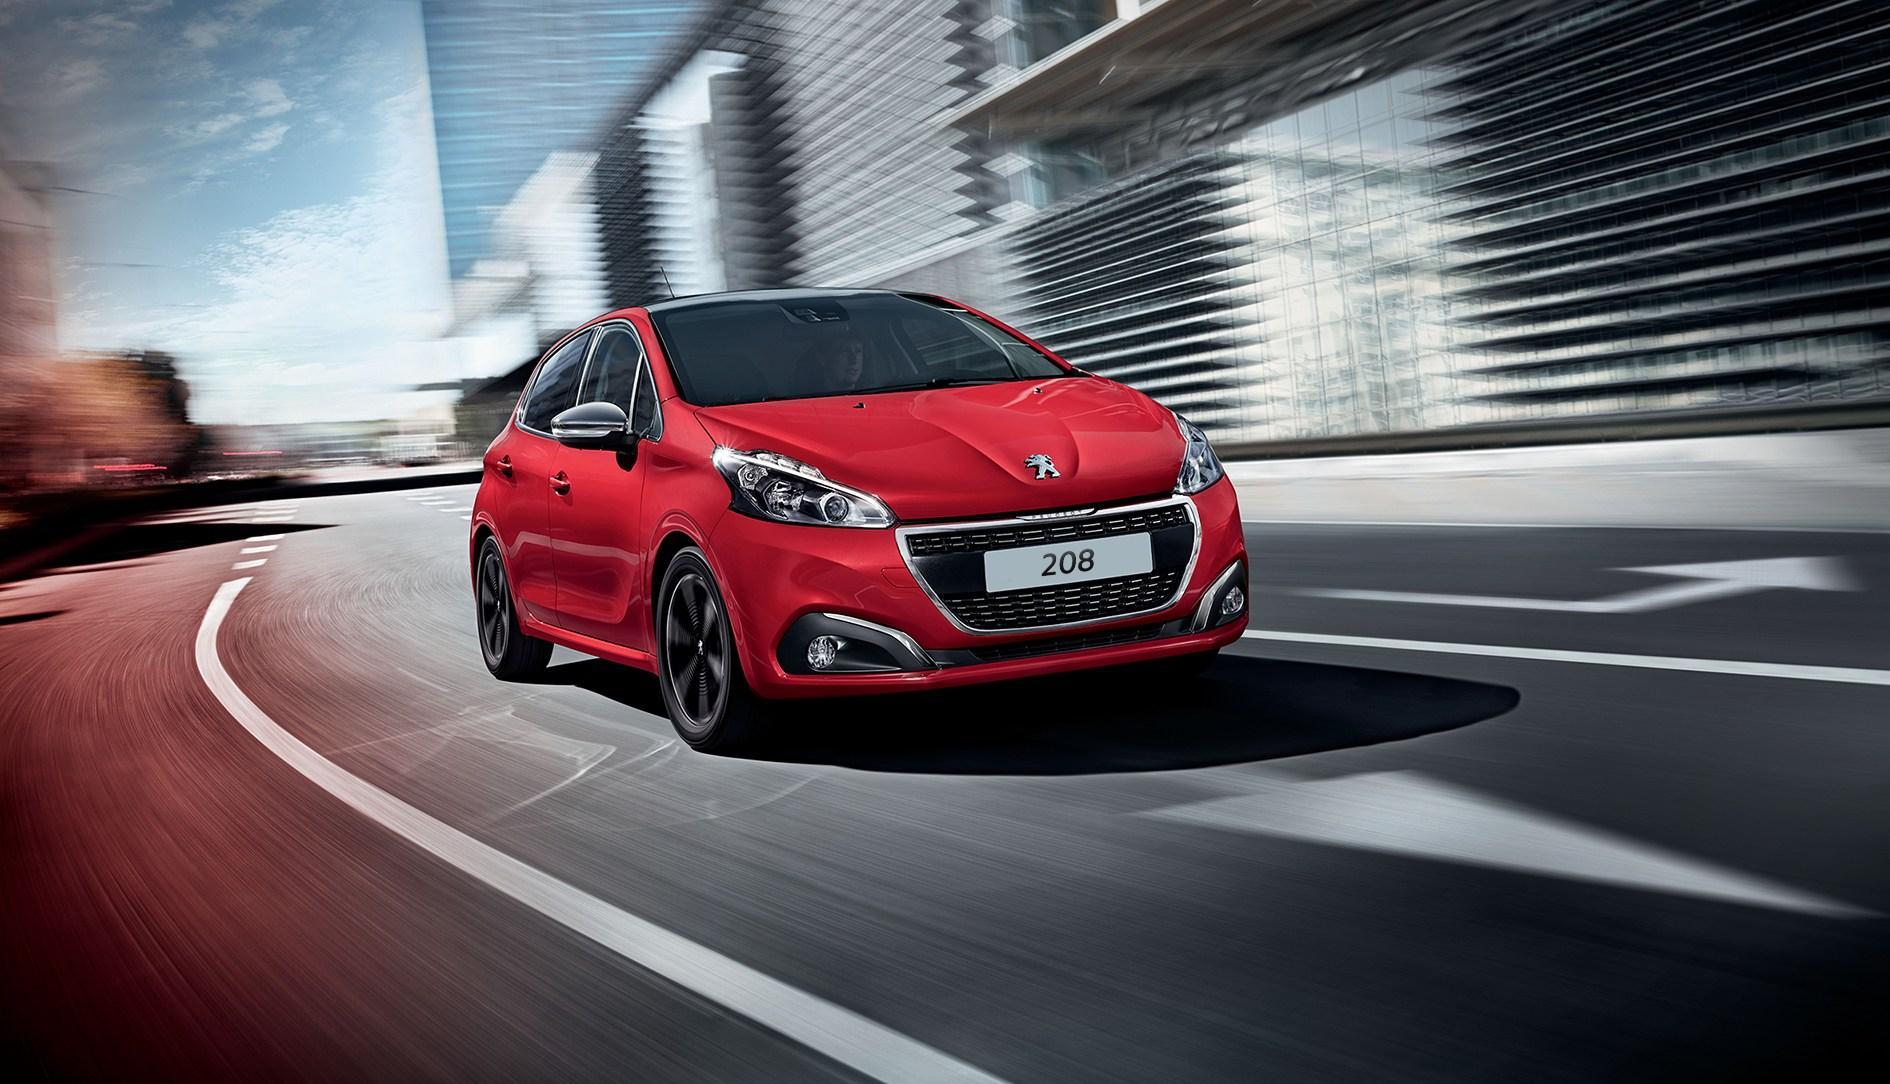 Το σούπερ μίνι Peugeot 208 έκανε ρεκόρ πωλήσεων